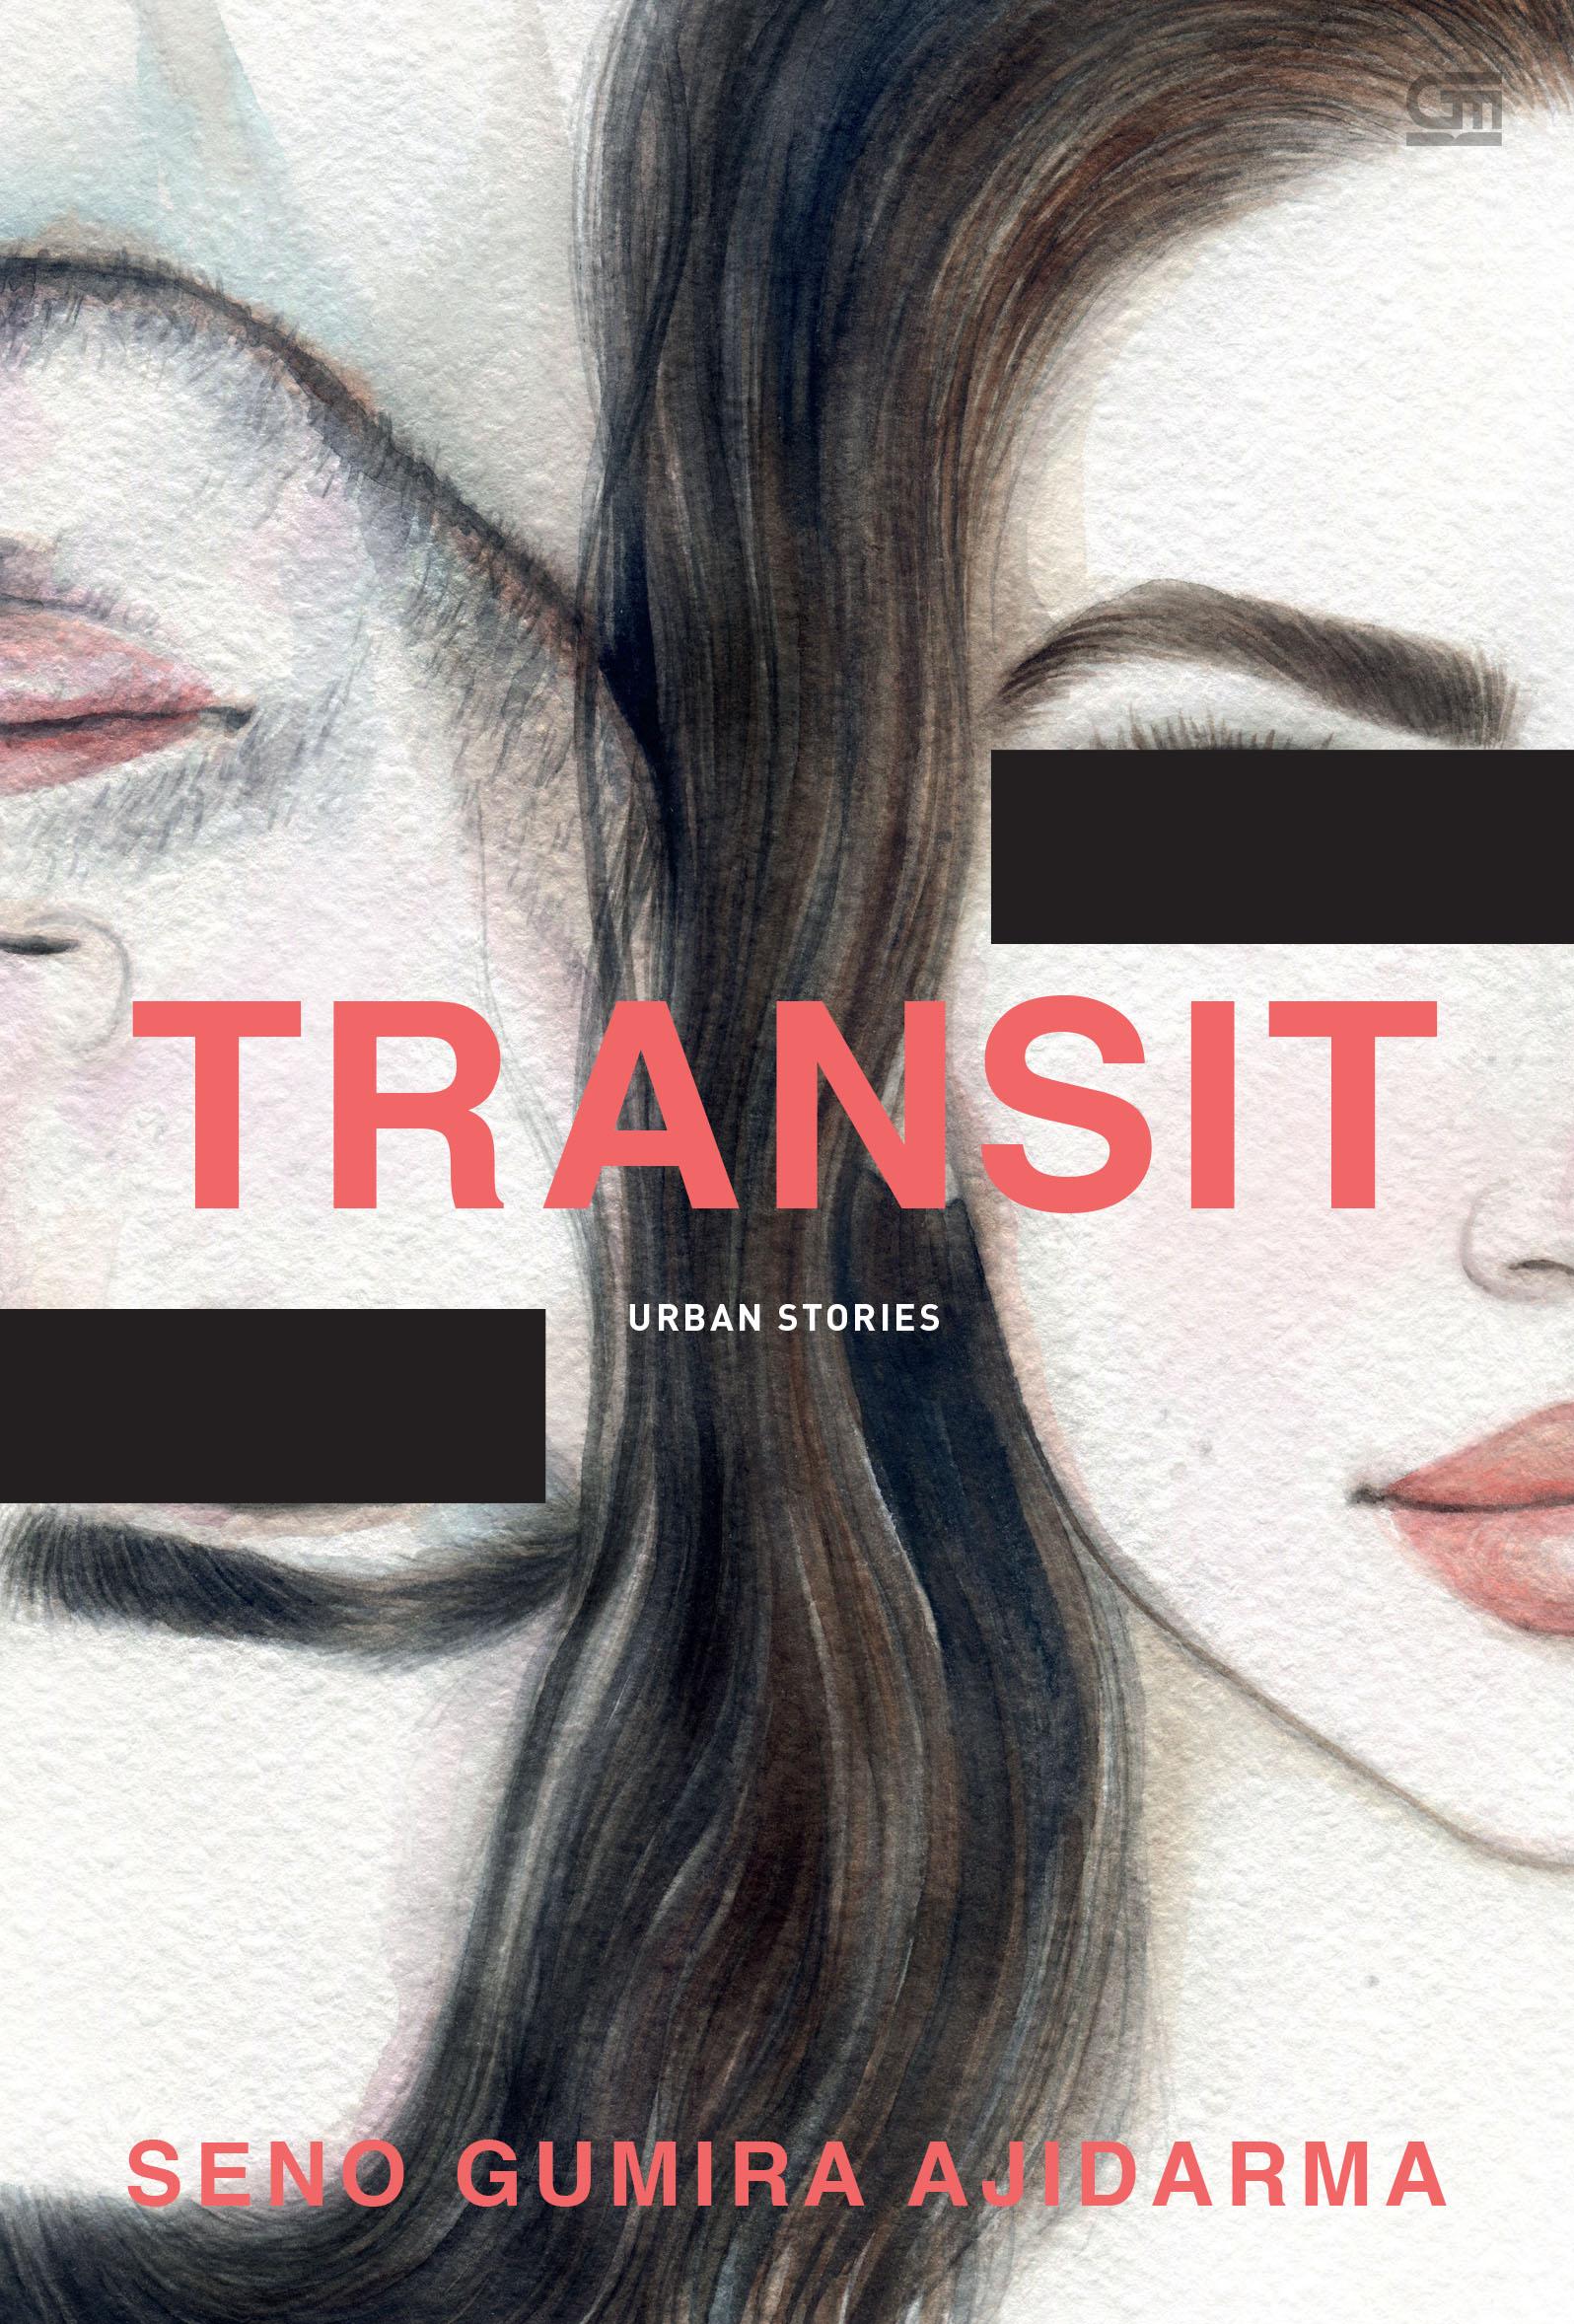 TRANSIT Urban Stories